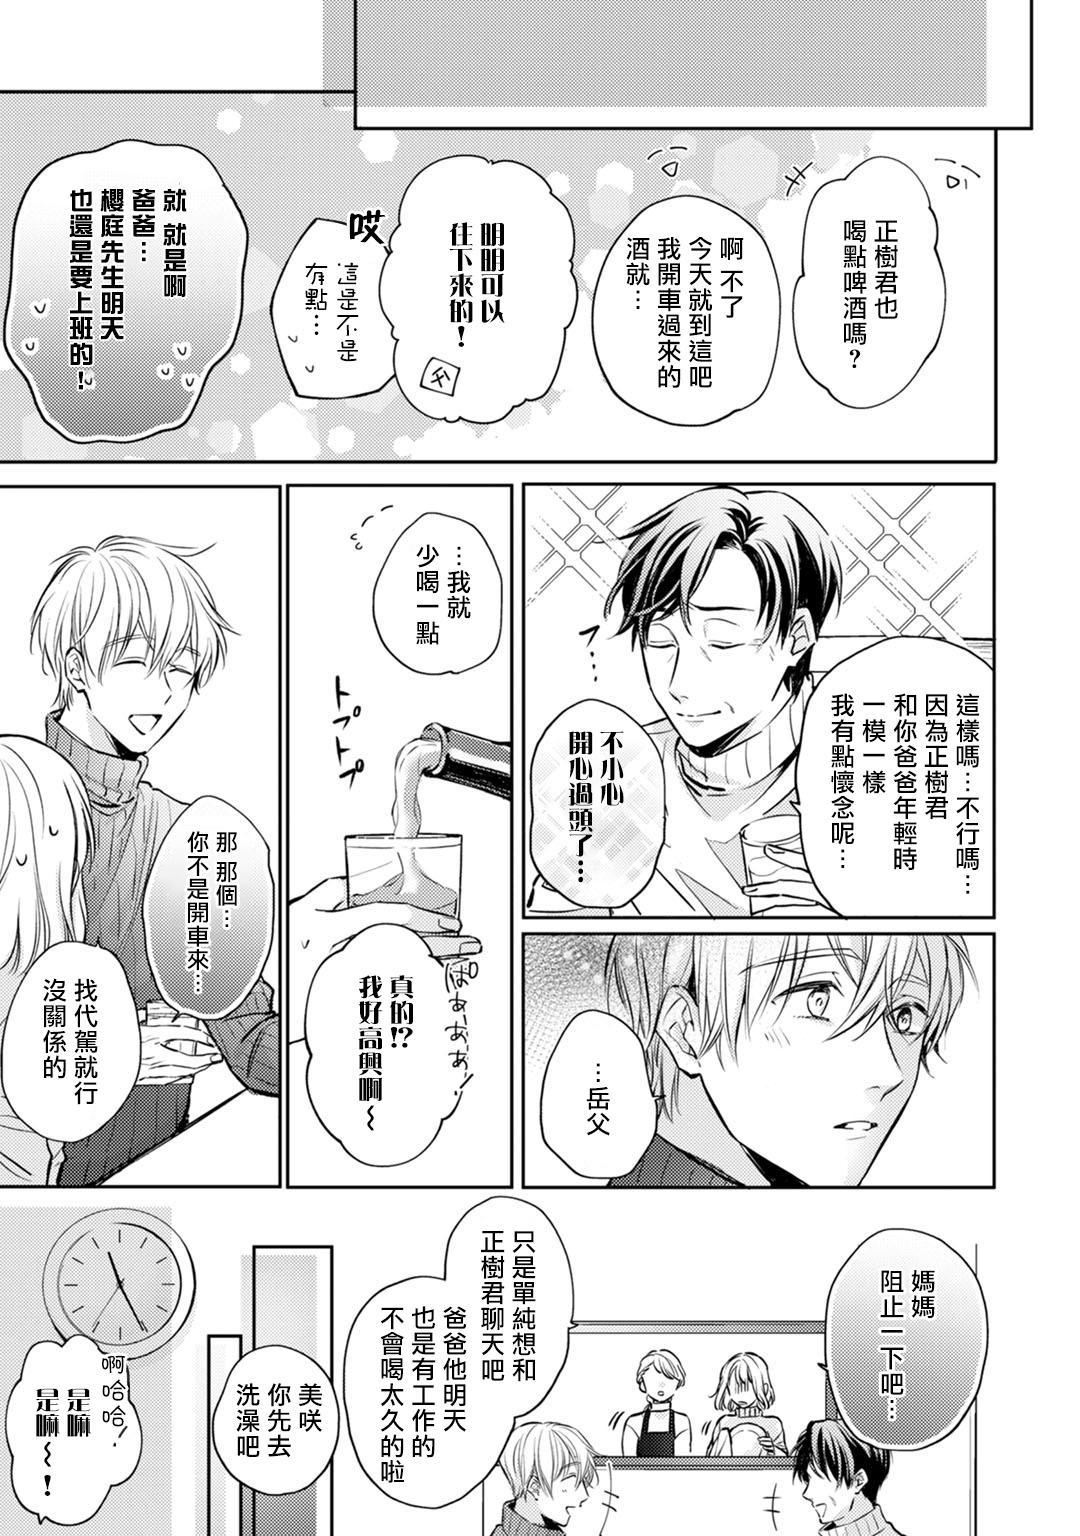 [Shichigatsu Motomi]  Sonna Kao shite, Sasotteru? ~Dekiai Shachou to Migawari Omiaikekkon!?~ 1-11  這種表情,在誘惑我嗎?~溺愛社長和替身相親結婚!? [Chinese] [拾荒者汉化组] 39